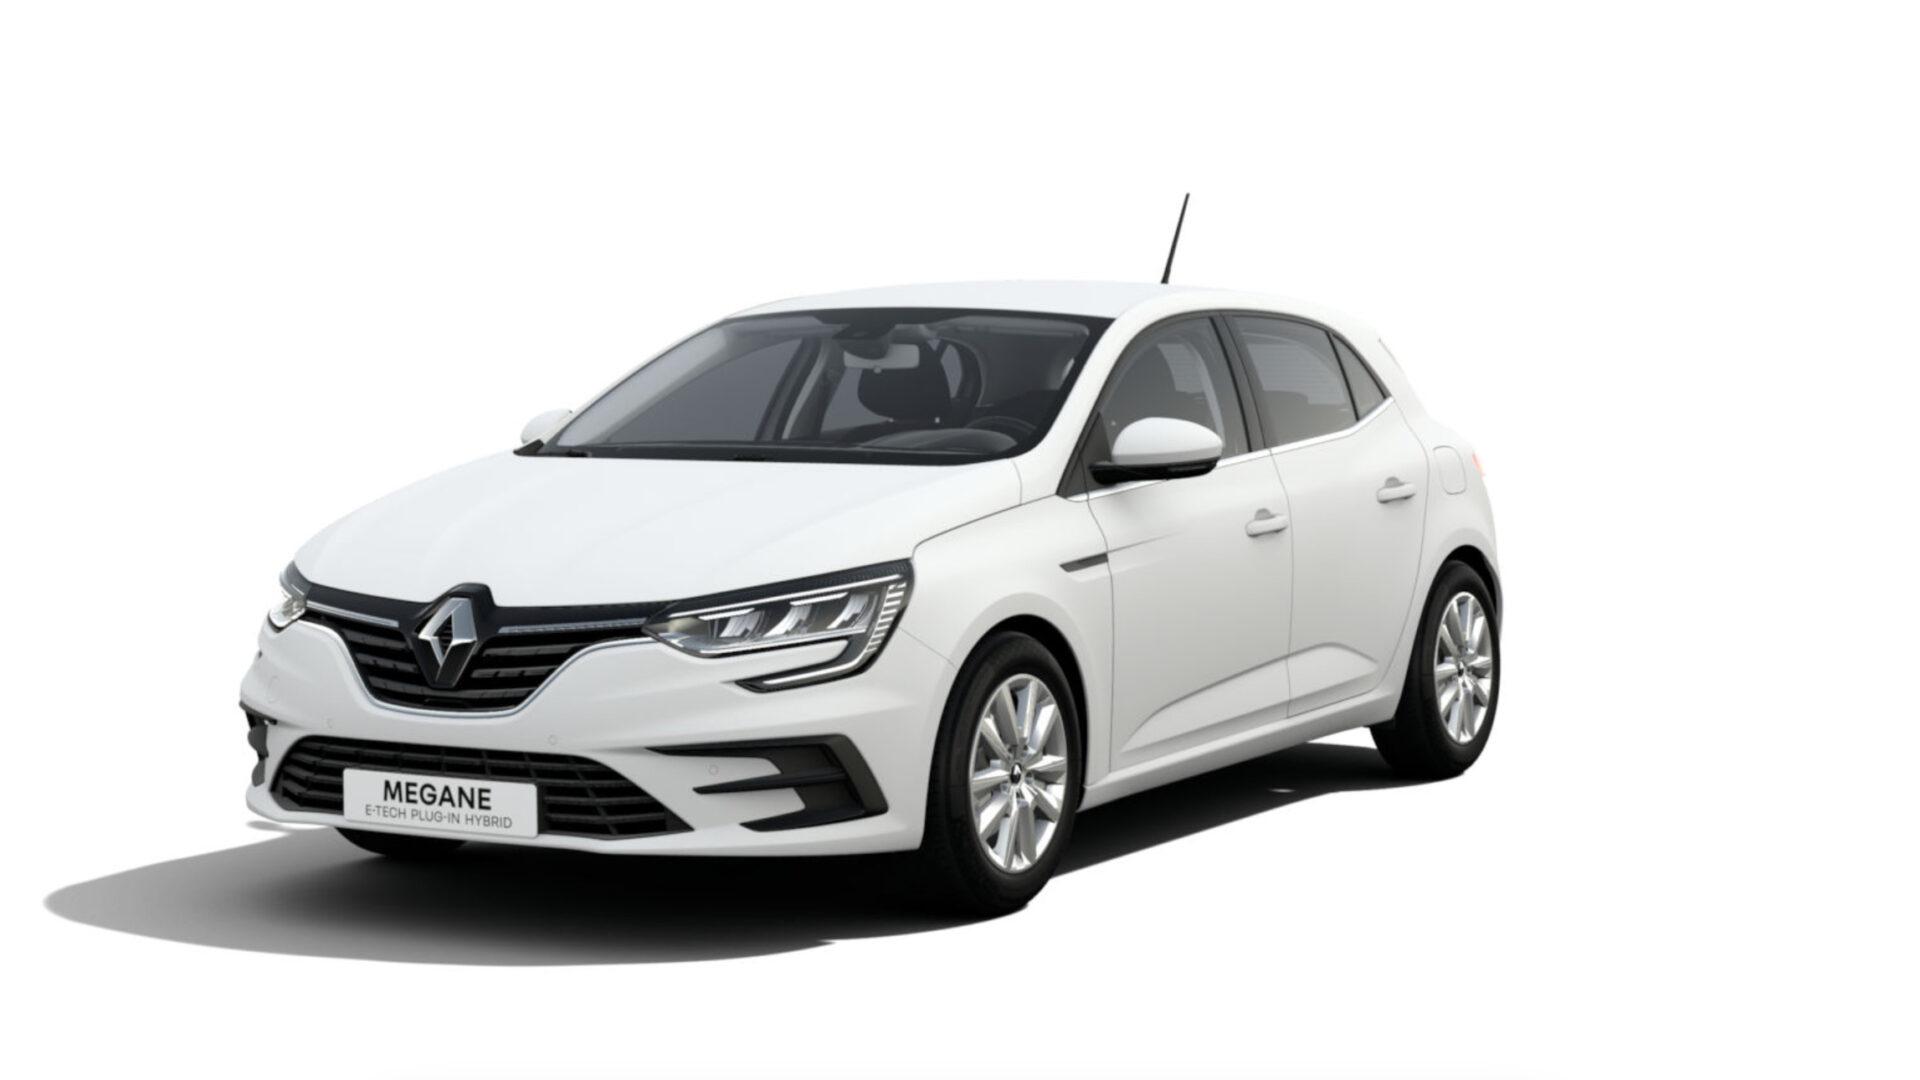 Nuevo Renault Mégane E-TECH 2021 híbrido enchufable en oferta, por 179 euros al mes